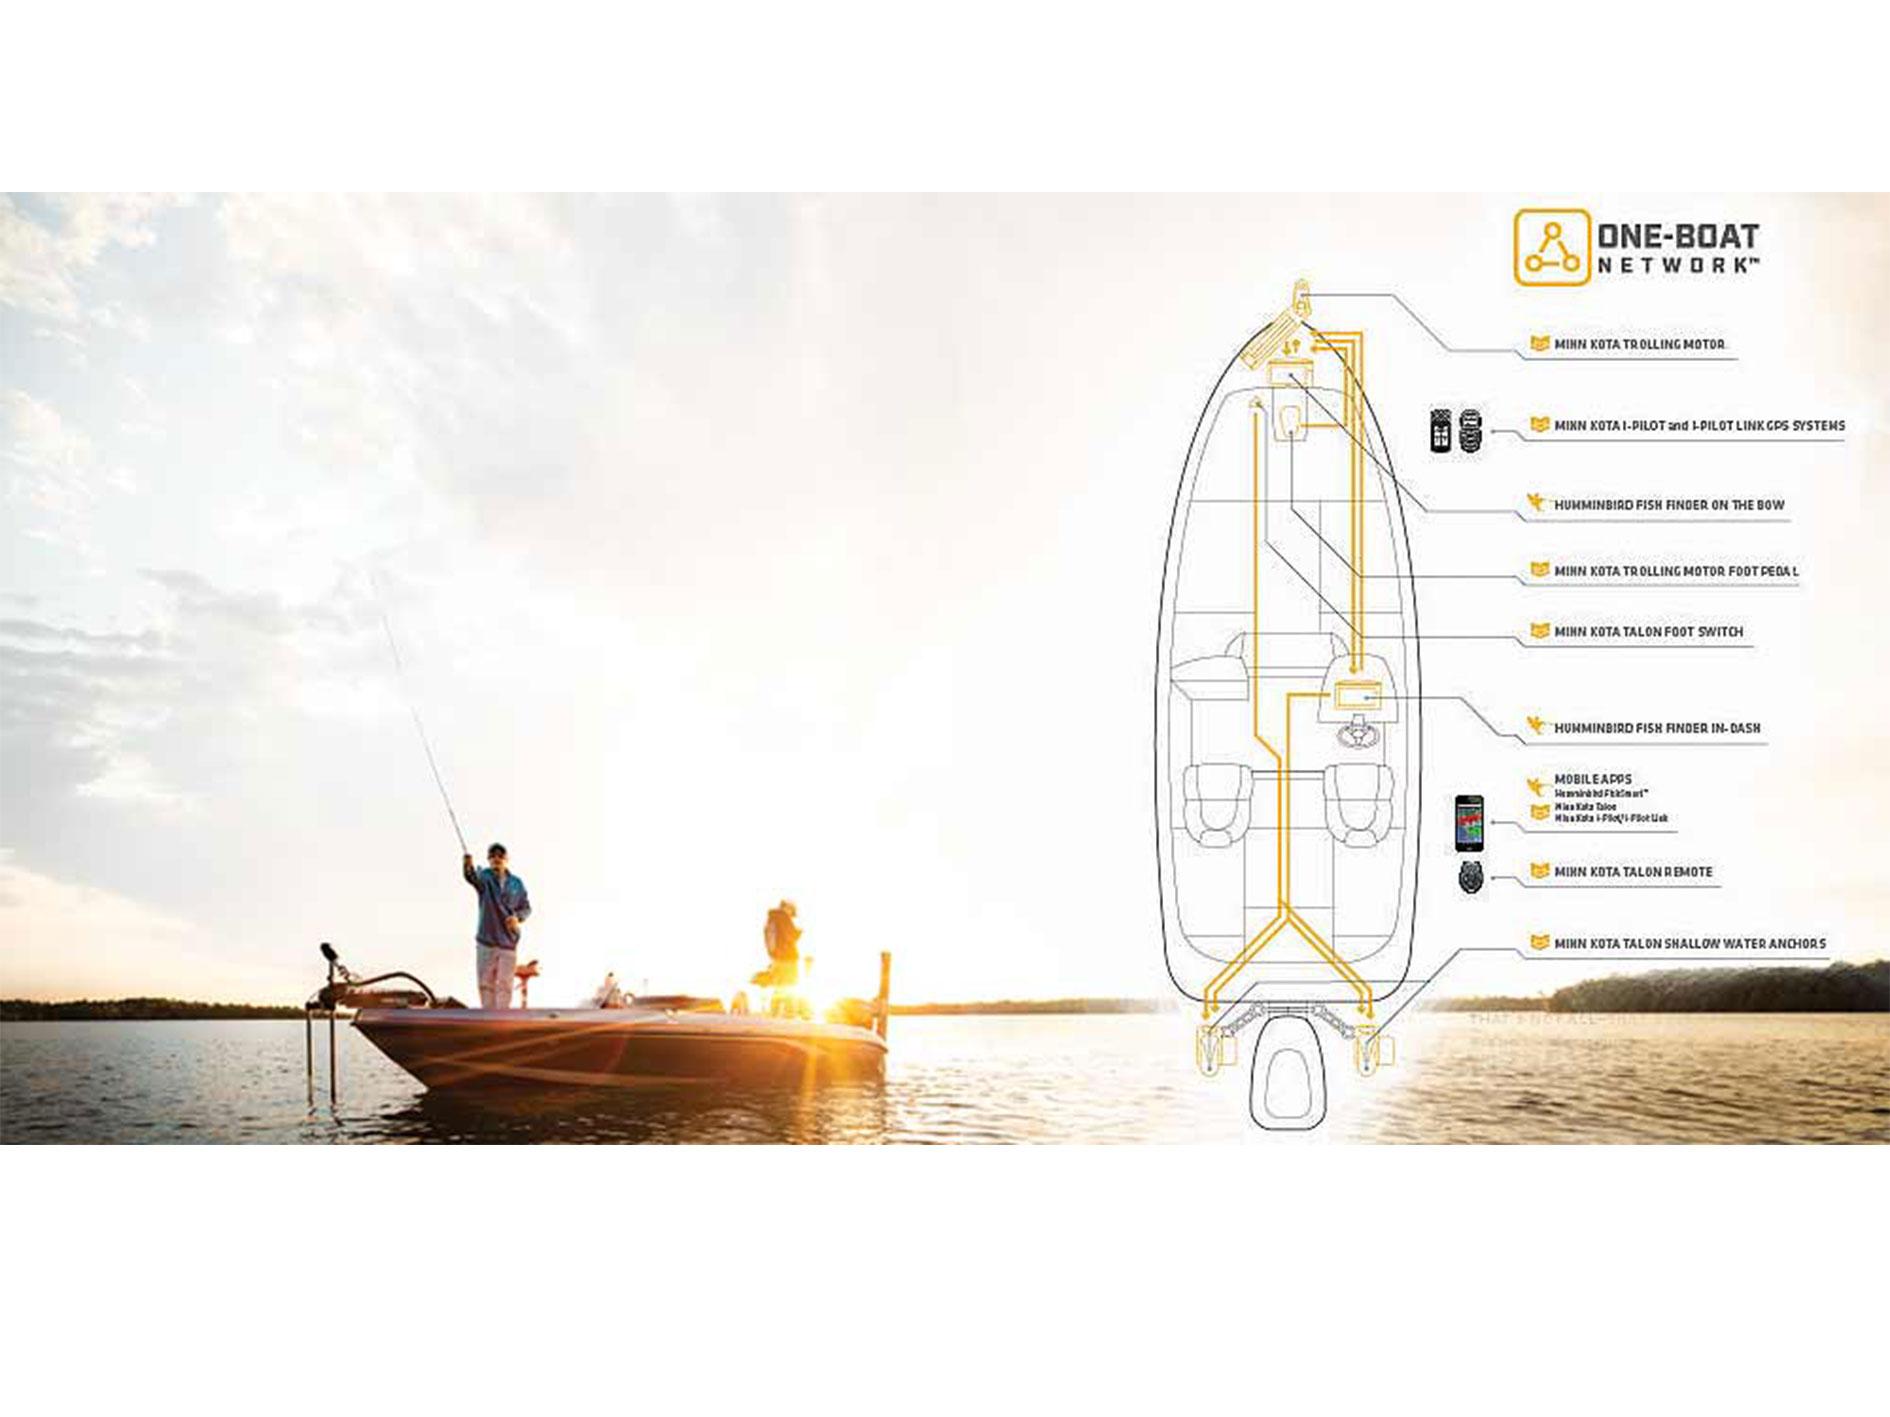 One-Boat-NetworkrX0FtTSe0fXaA